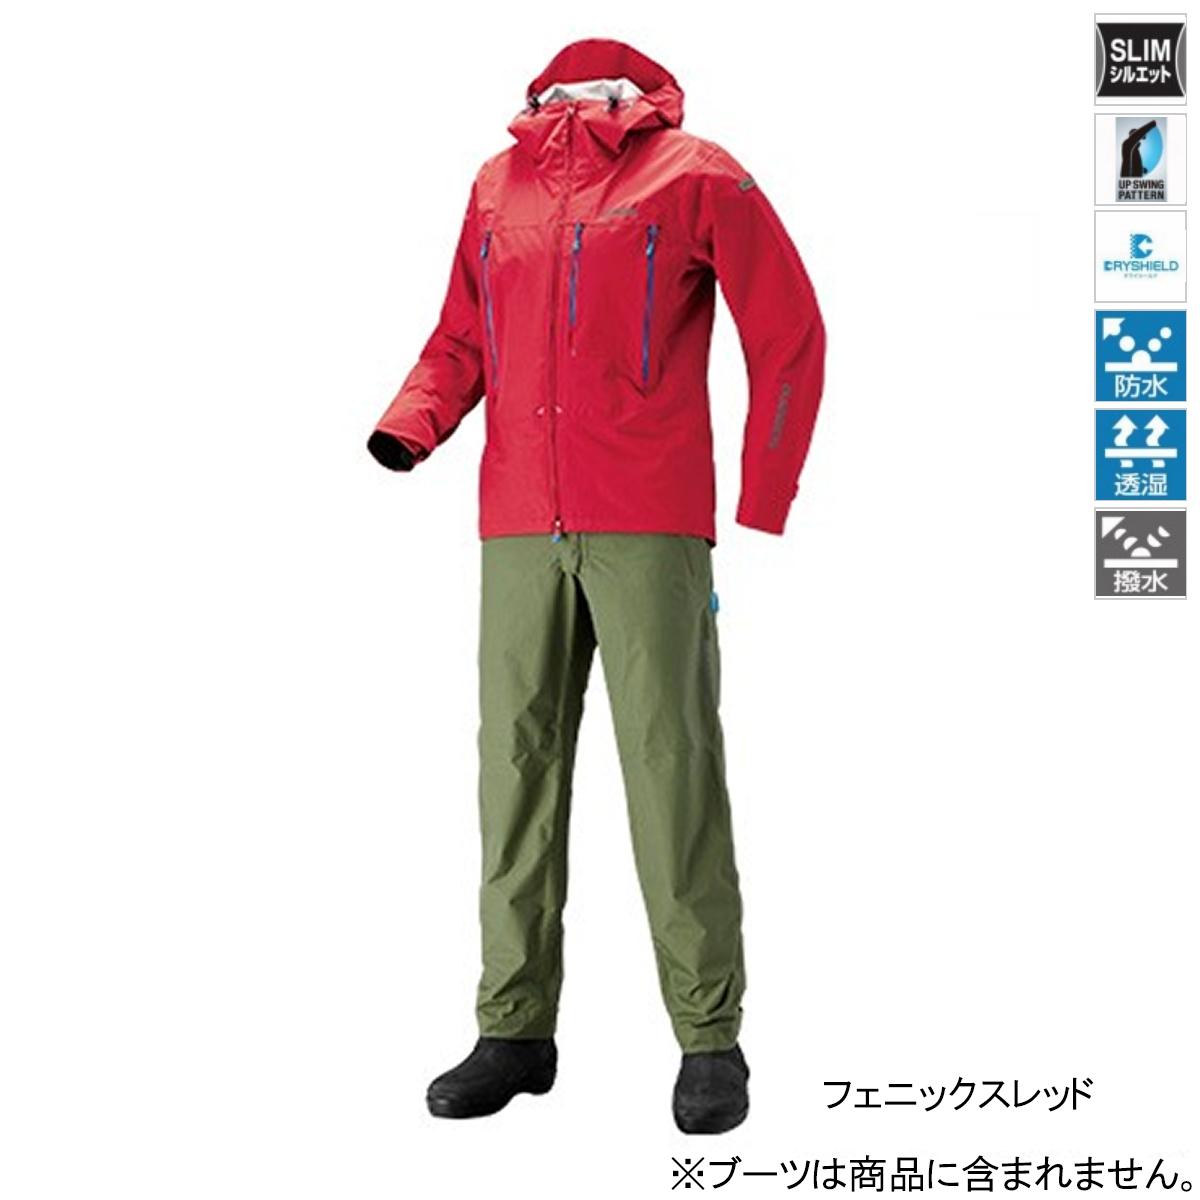 シマノ DSエクスプローラースーツ RA-024S L フェニックスレッド【送料無料】